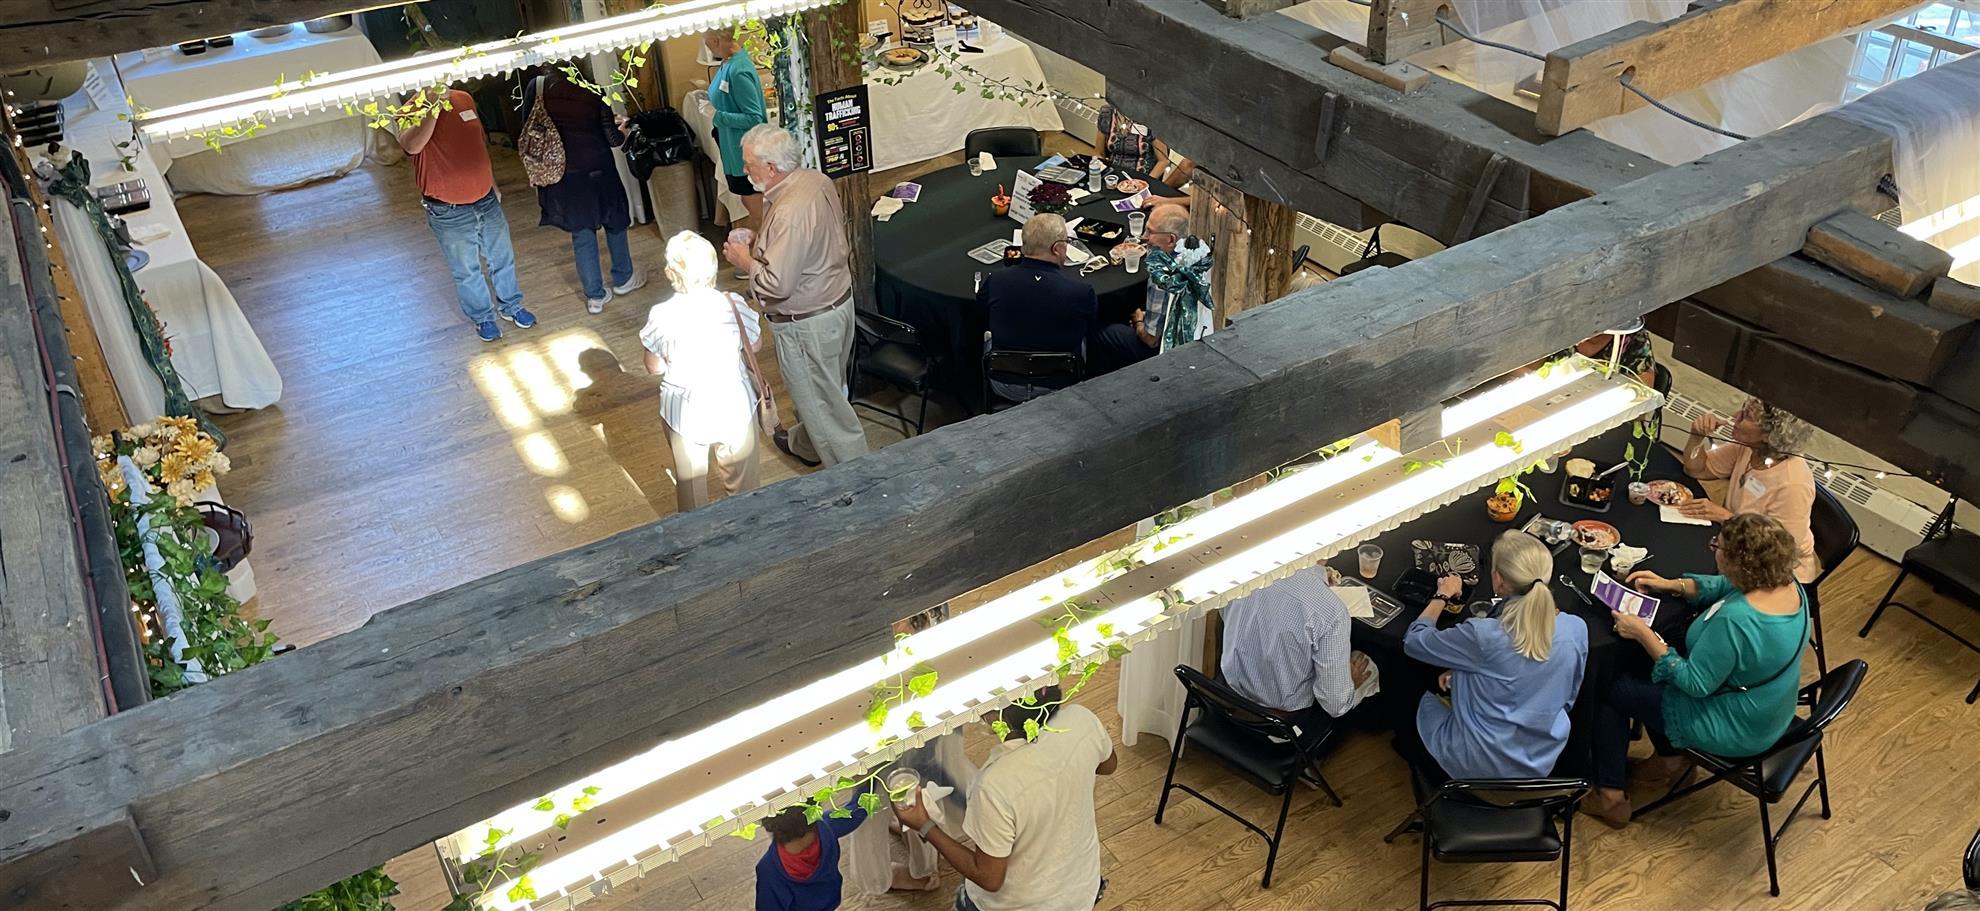 Illick's Mill a great venue for Tastes & Tunes 2021